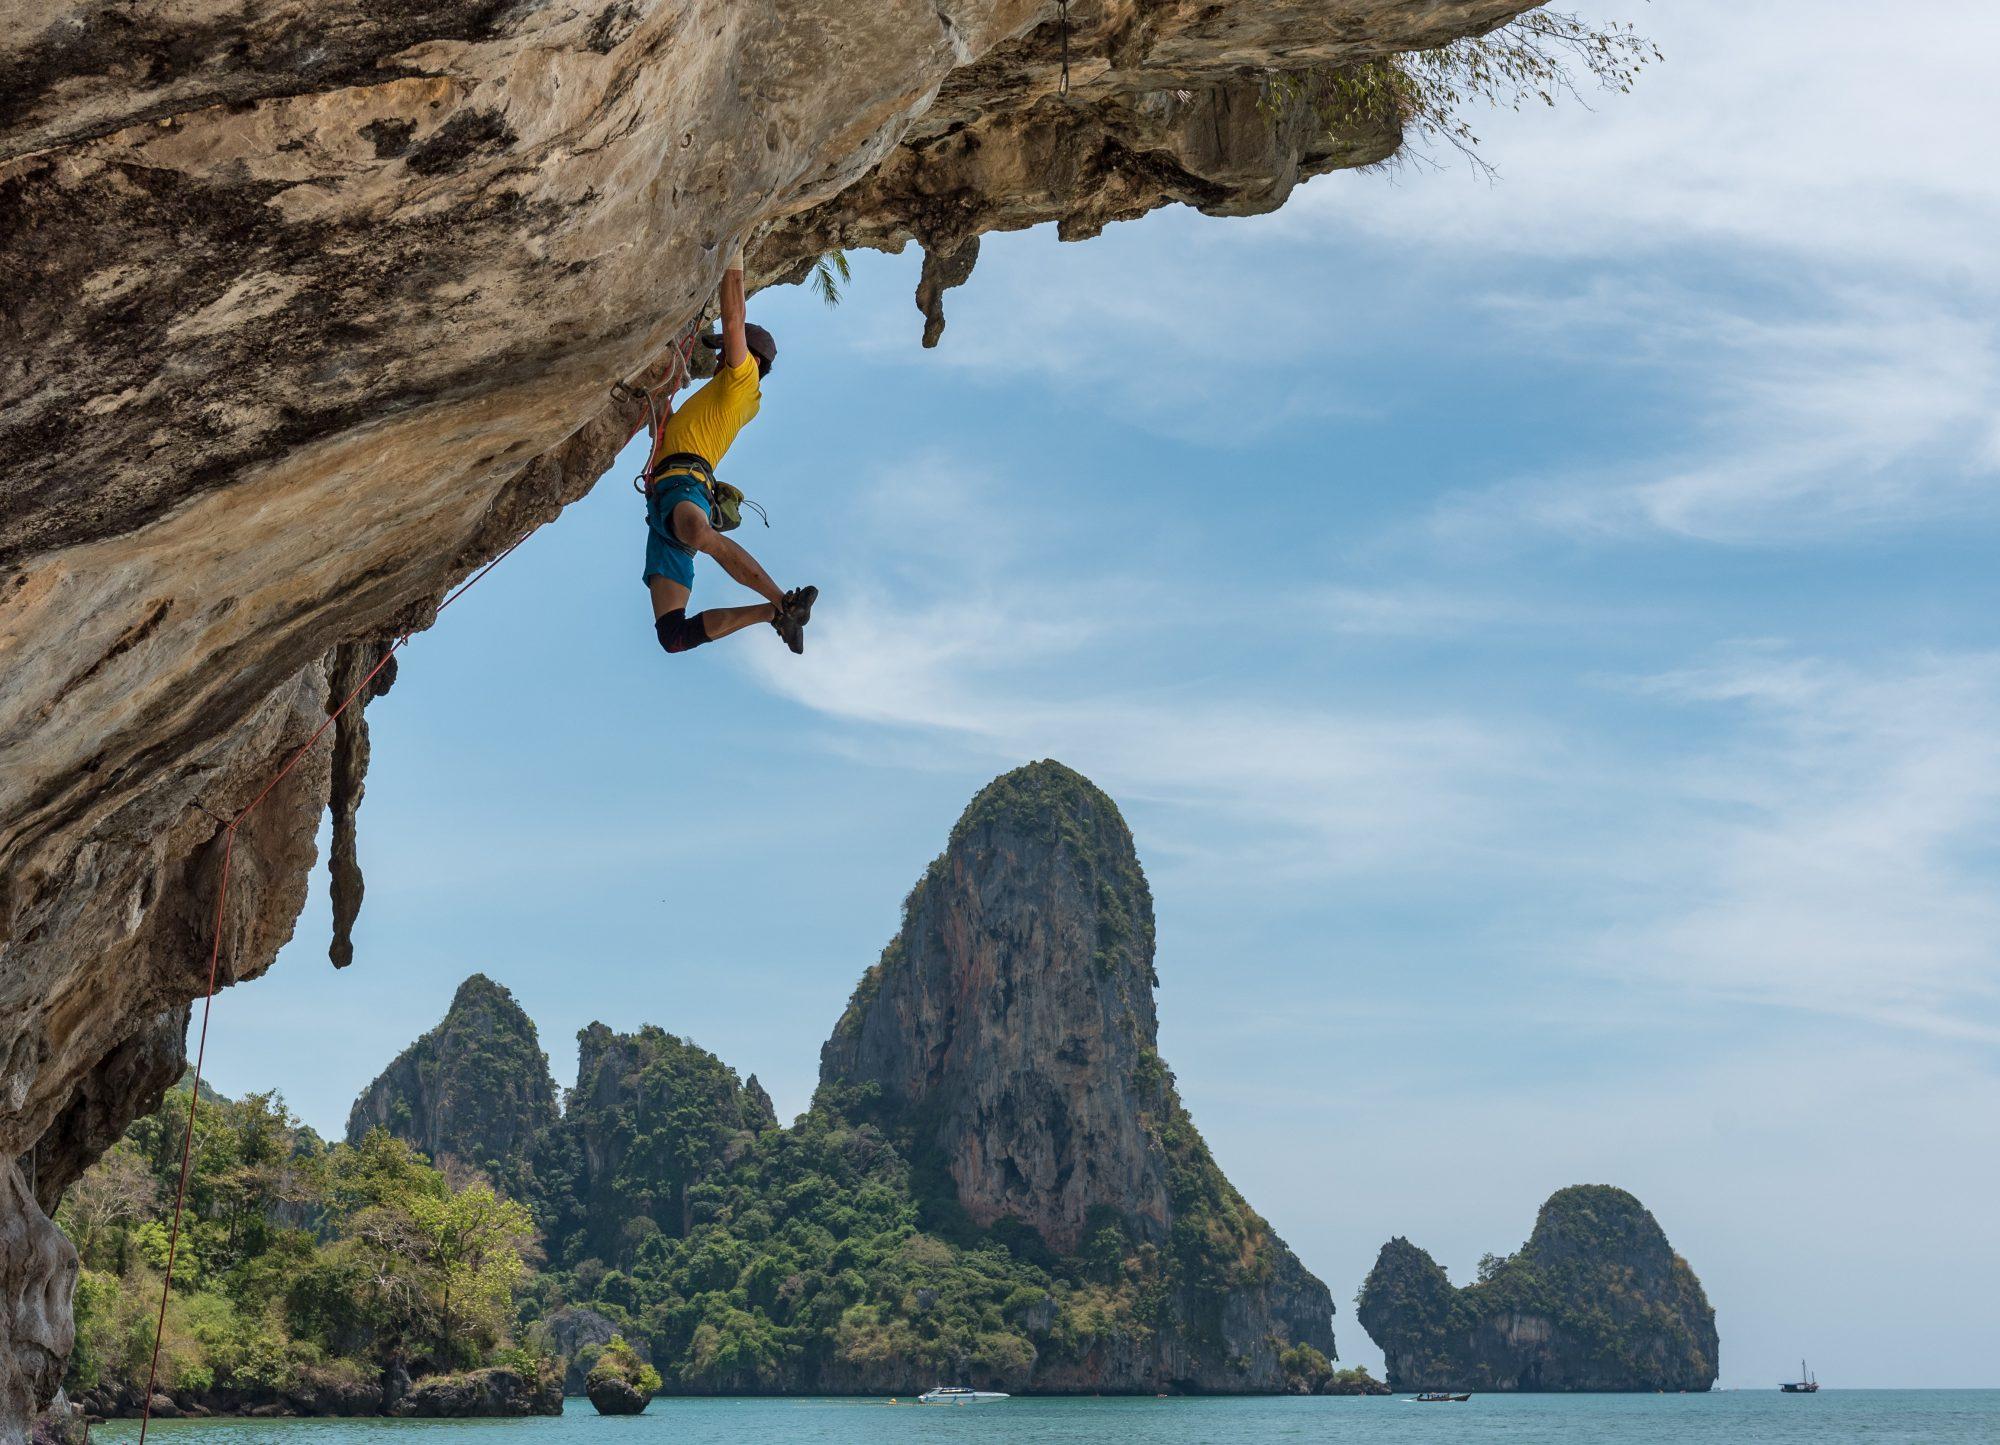 buceo en krabi, escalar en tonsai